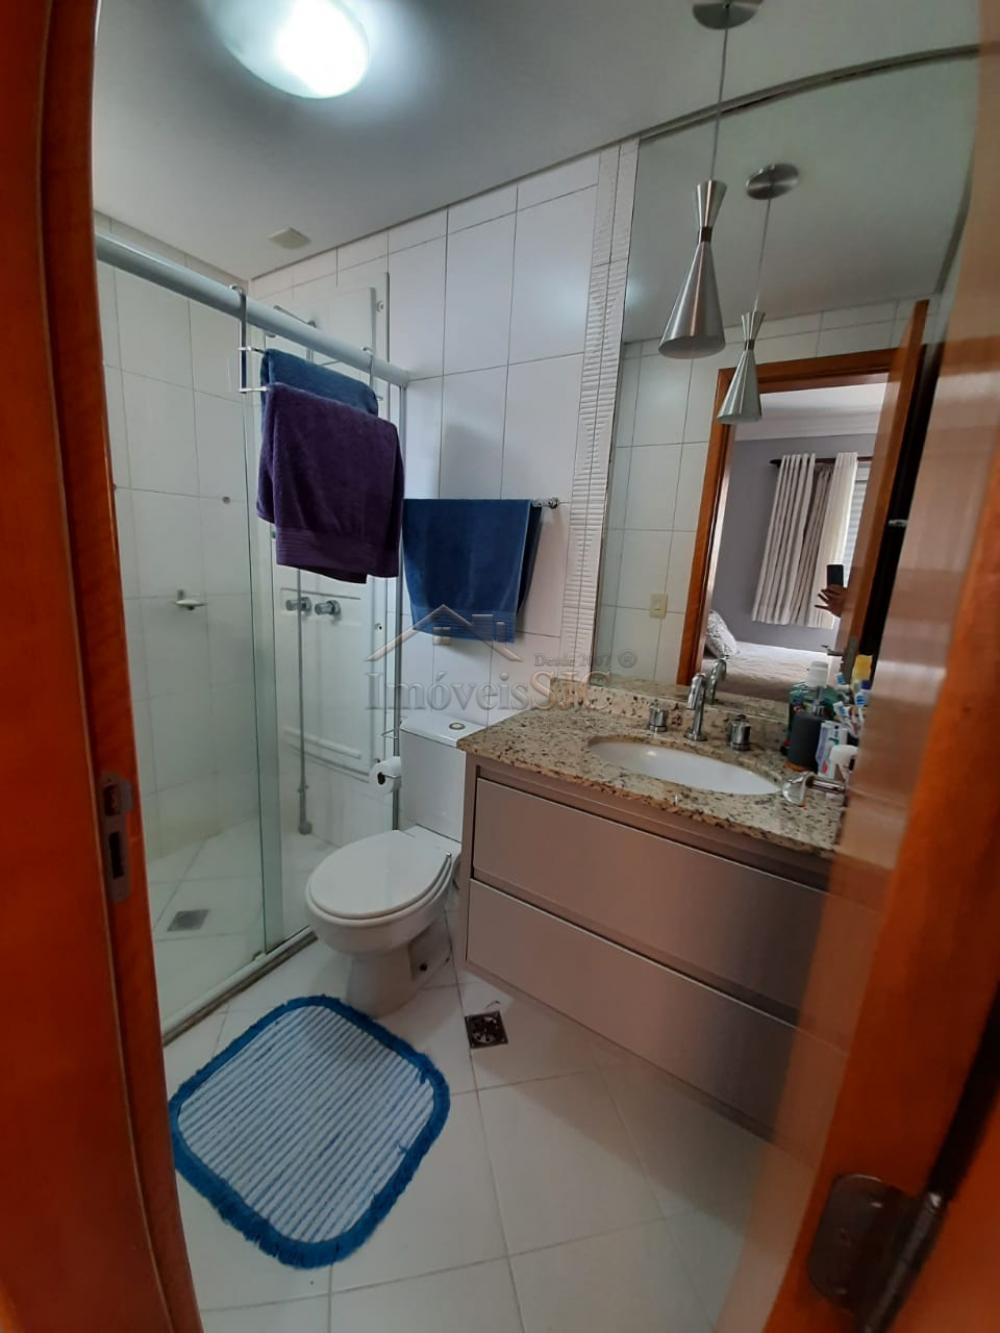 Comprar Apartamentos / Padrão em São José dos Campos apenas R$ 600.000,00 - Foto 10